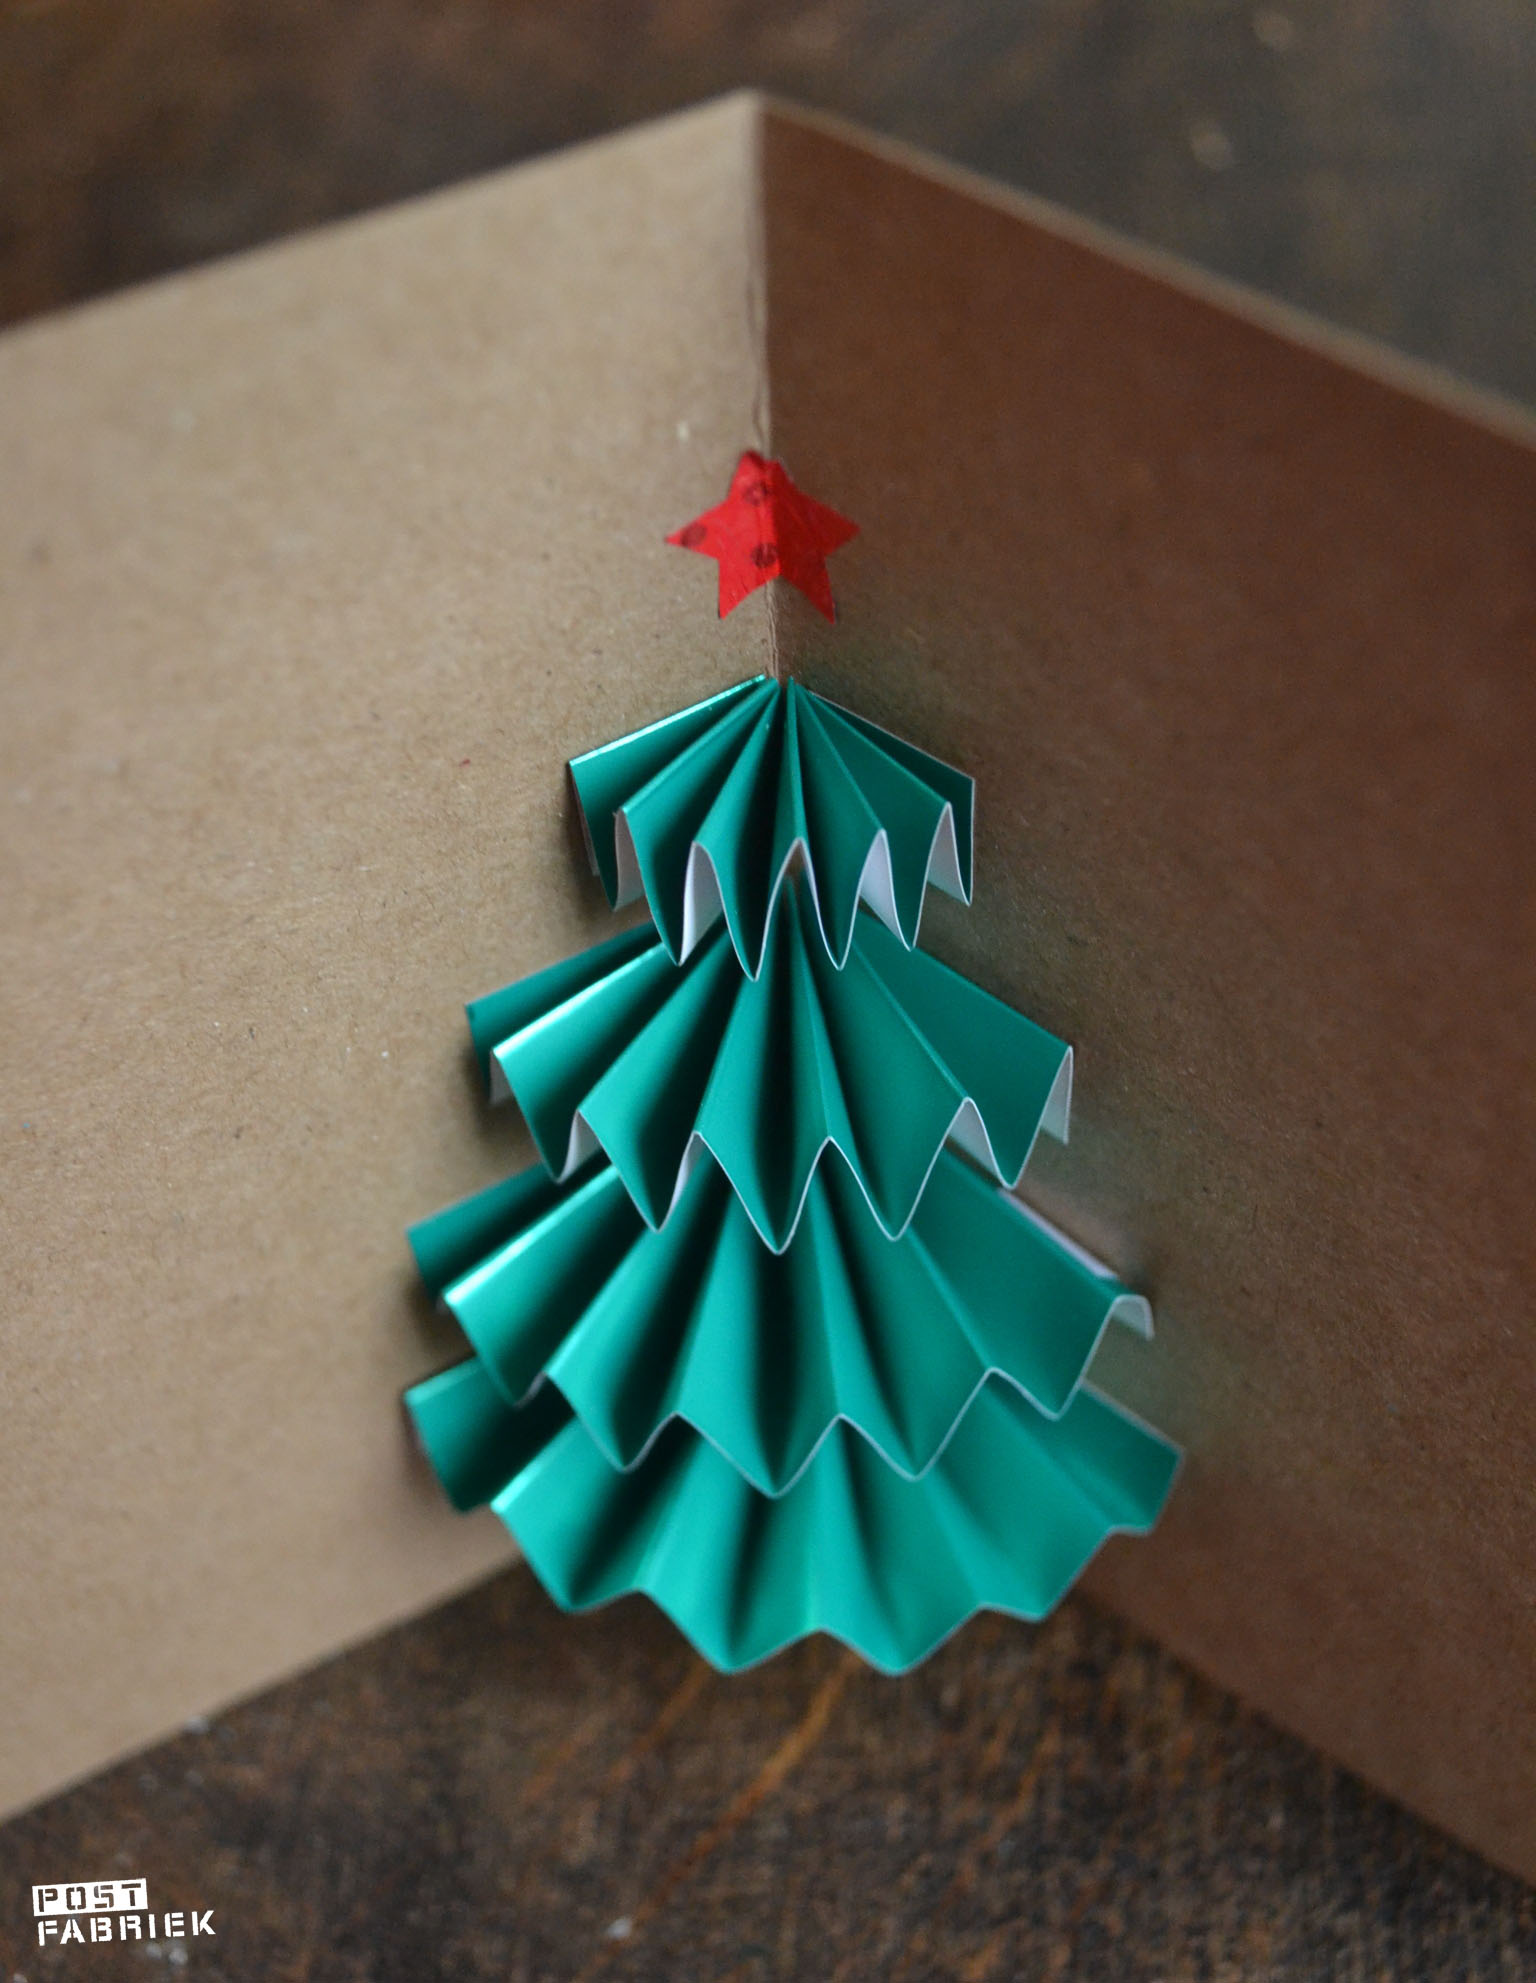 Zeer kerstkaarten Archieven - Postfabriek @YO25